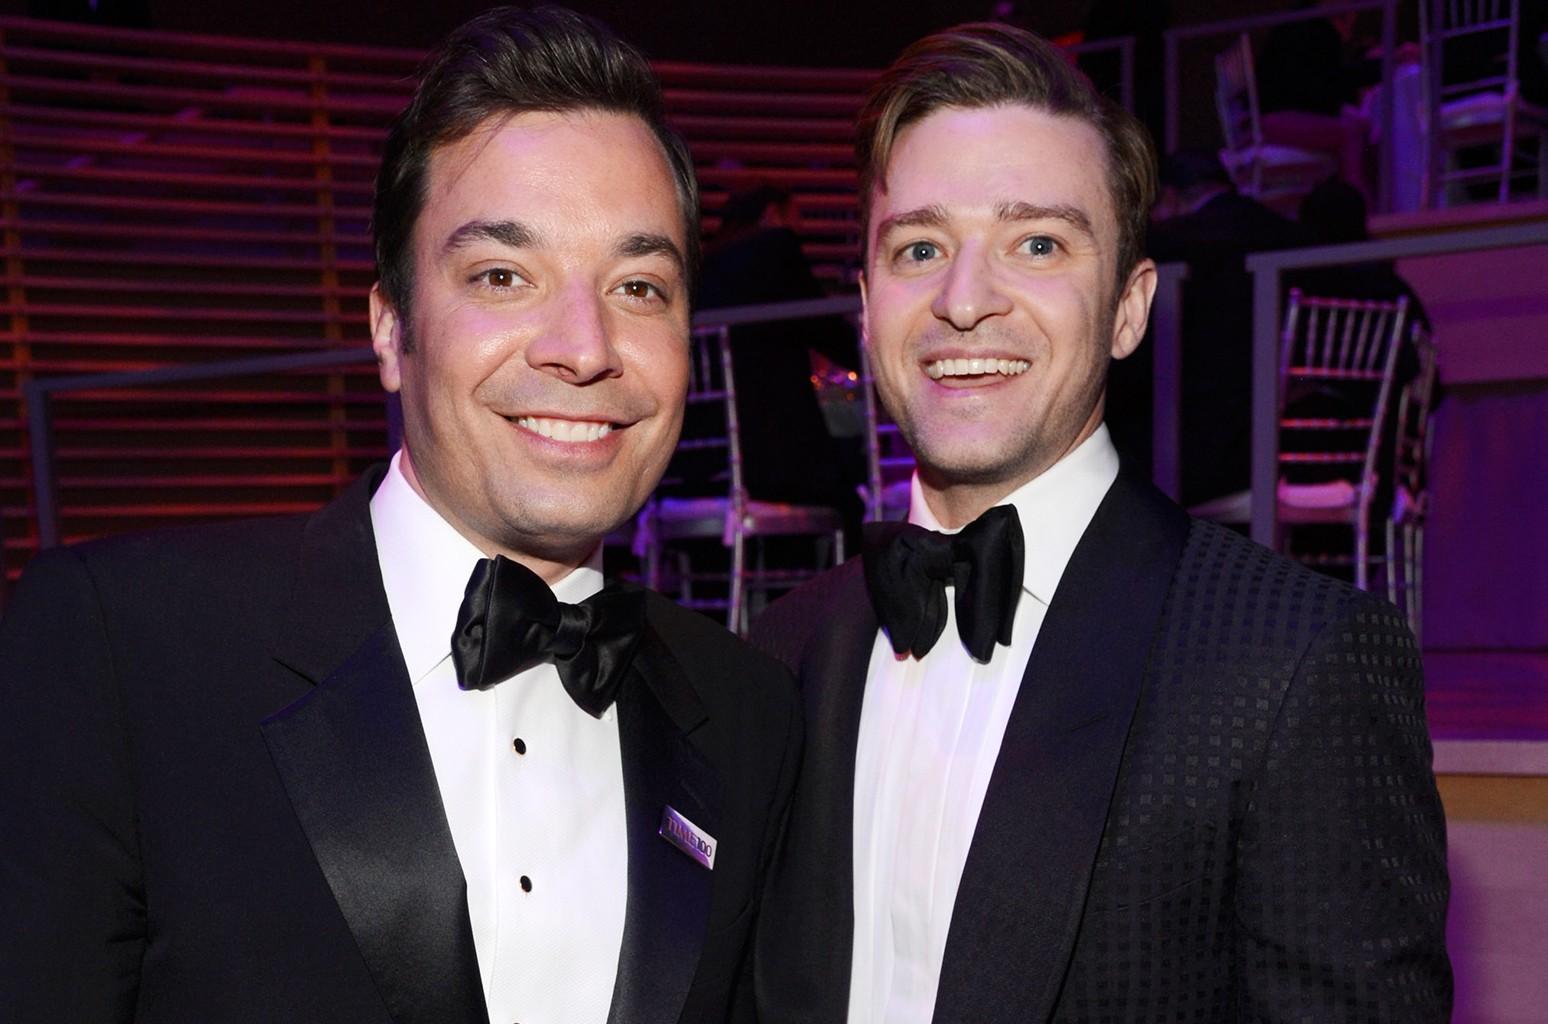 Jimmy Fallon & Justin Timberlake, 2013